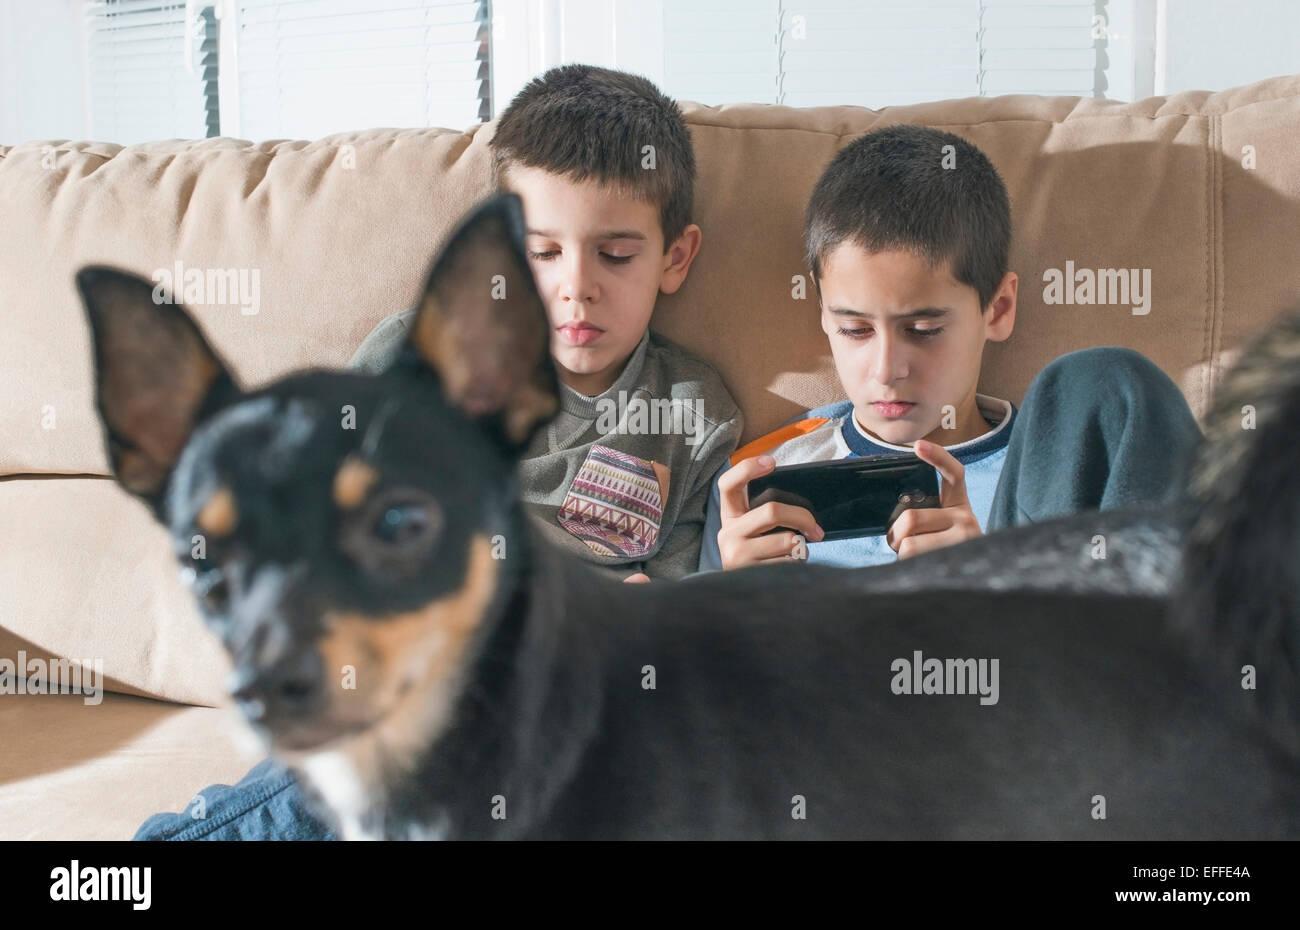 Zwei Jungs spielen mit ihren Smartphones beim Hund stehen im Vordergrund Stockbild